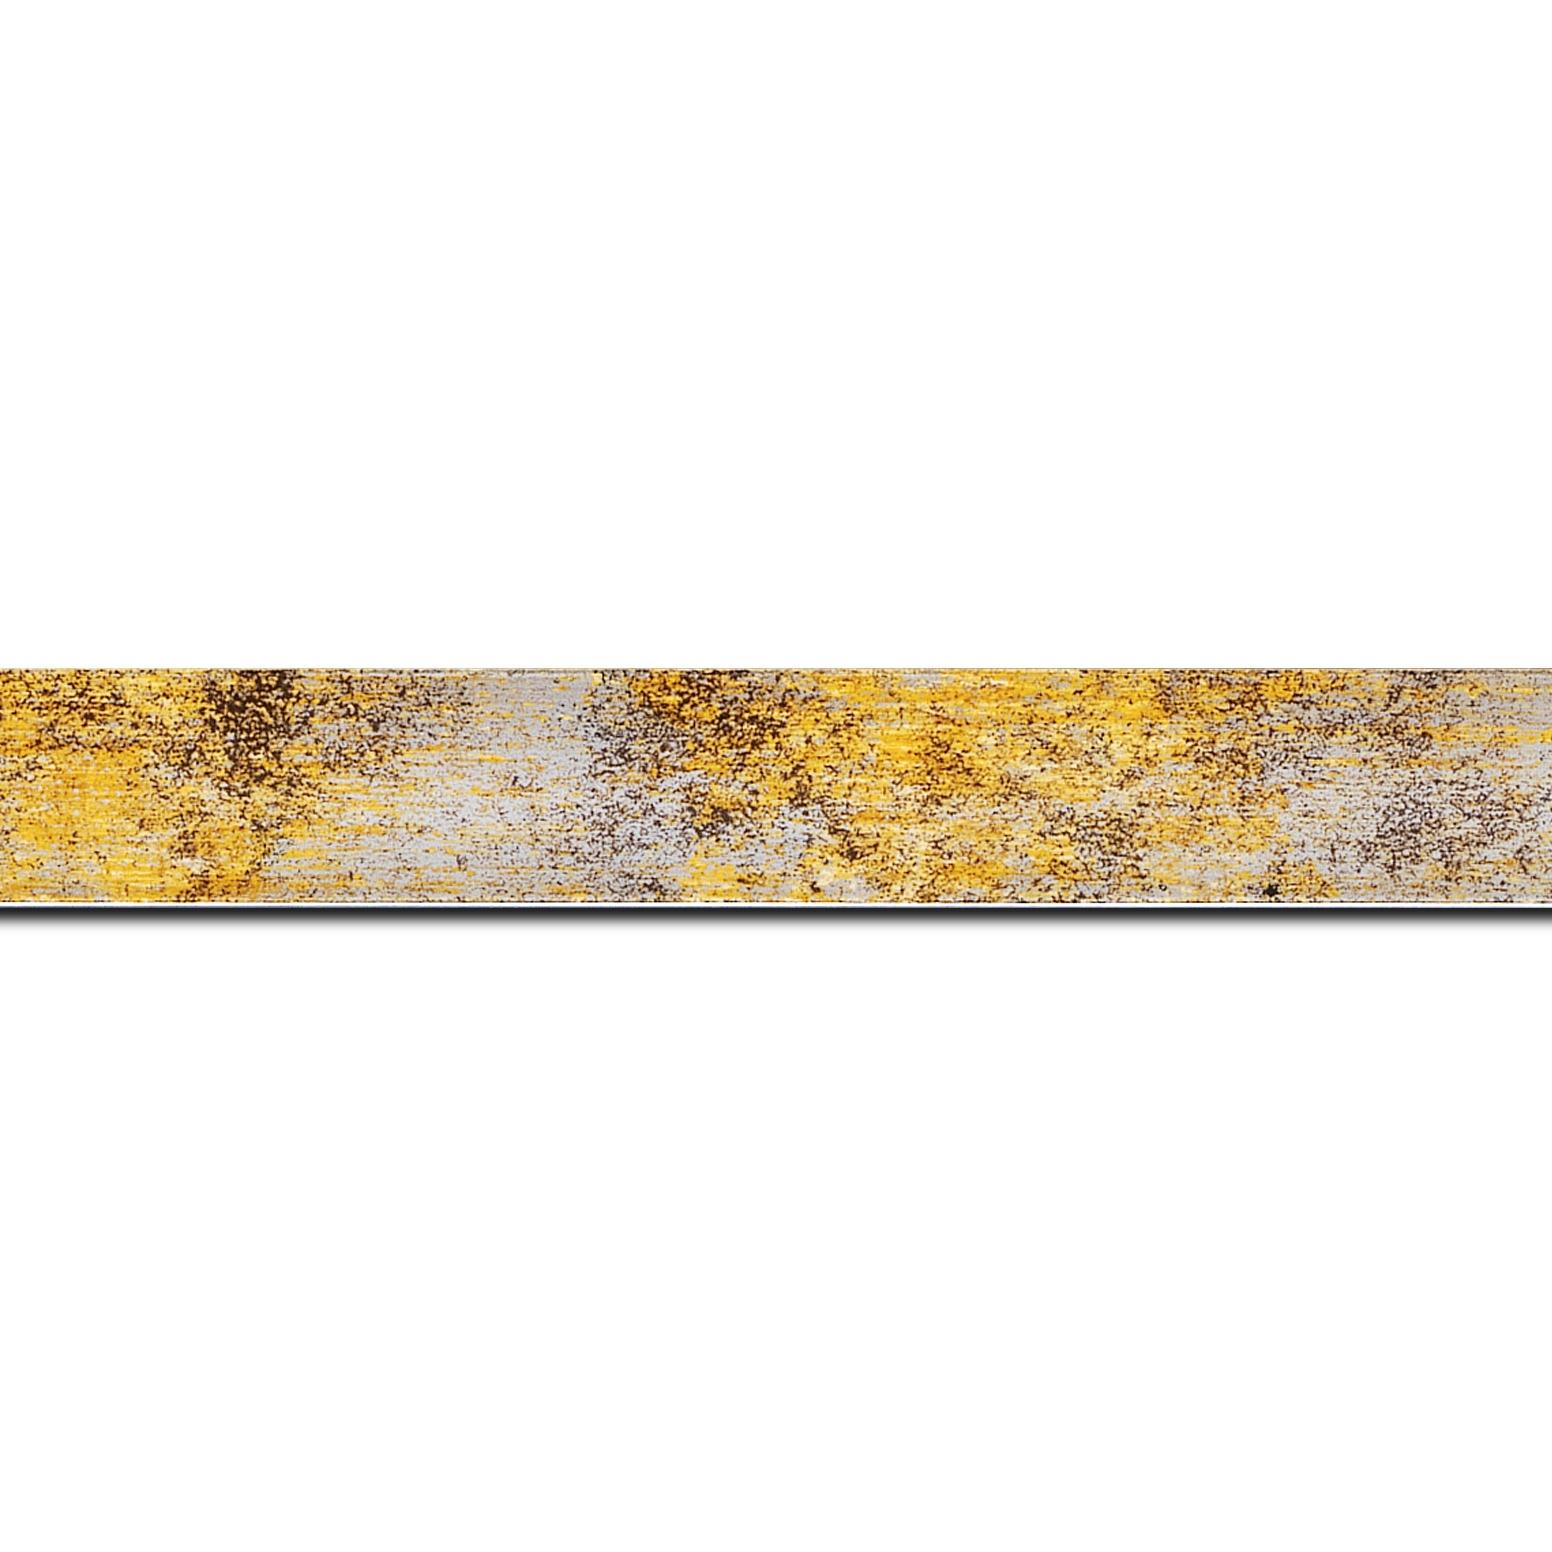 Baguette longueur 1.40m bois profil concave largeur 2.4cm de couleur jaune moucheté fond argent